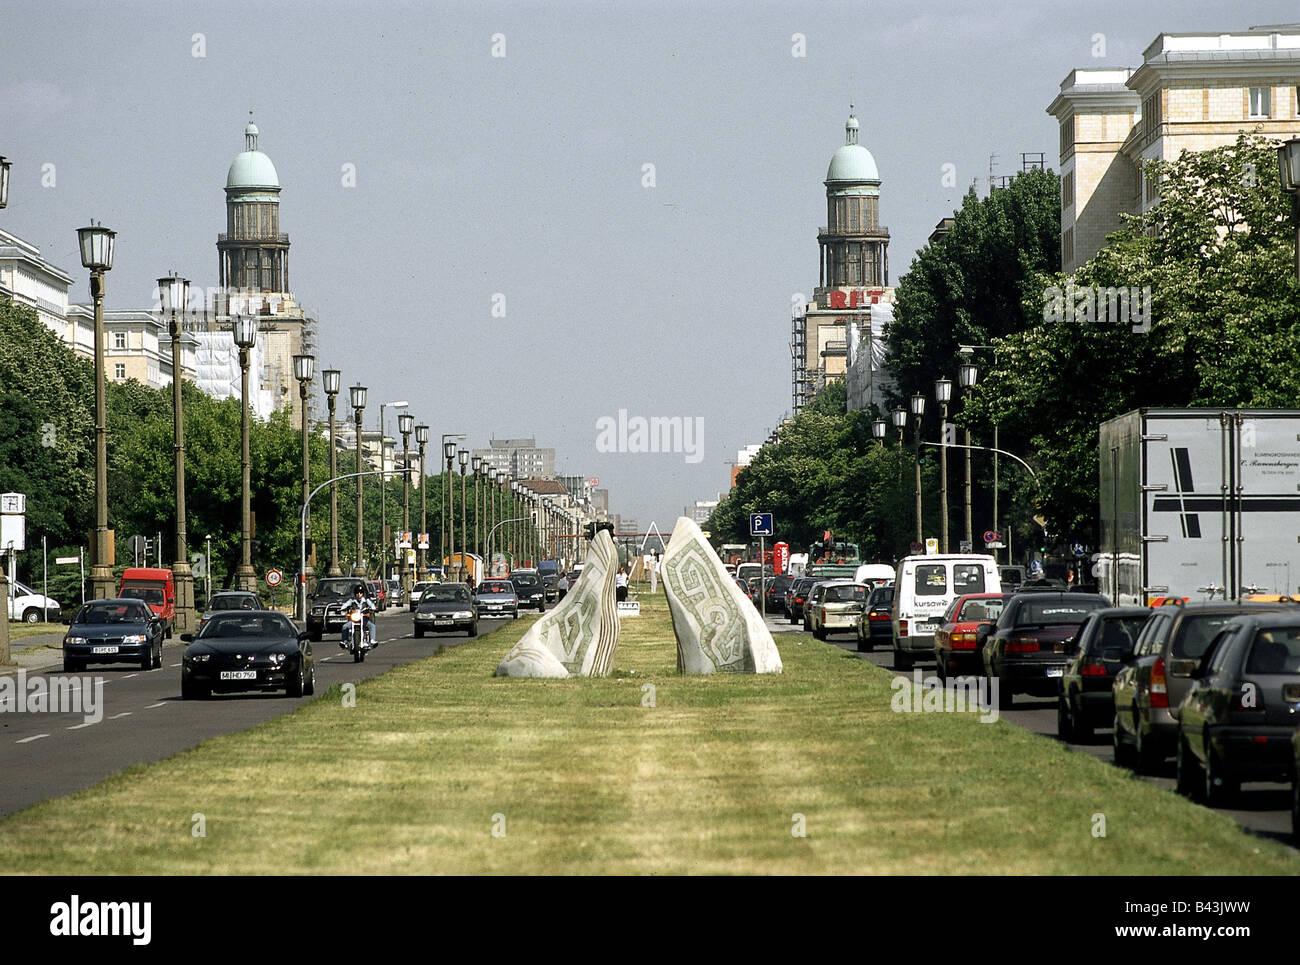 Geographie/Reisen, Deutschland, Berlin, Straßenszenen, Karl-marx-Allee, Allee, Straße, Additional-Rights - Clearance Stockfoto